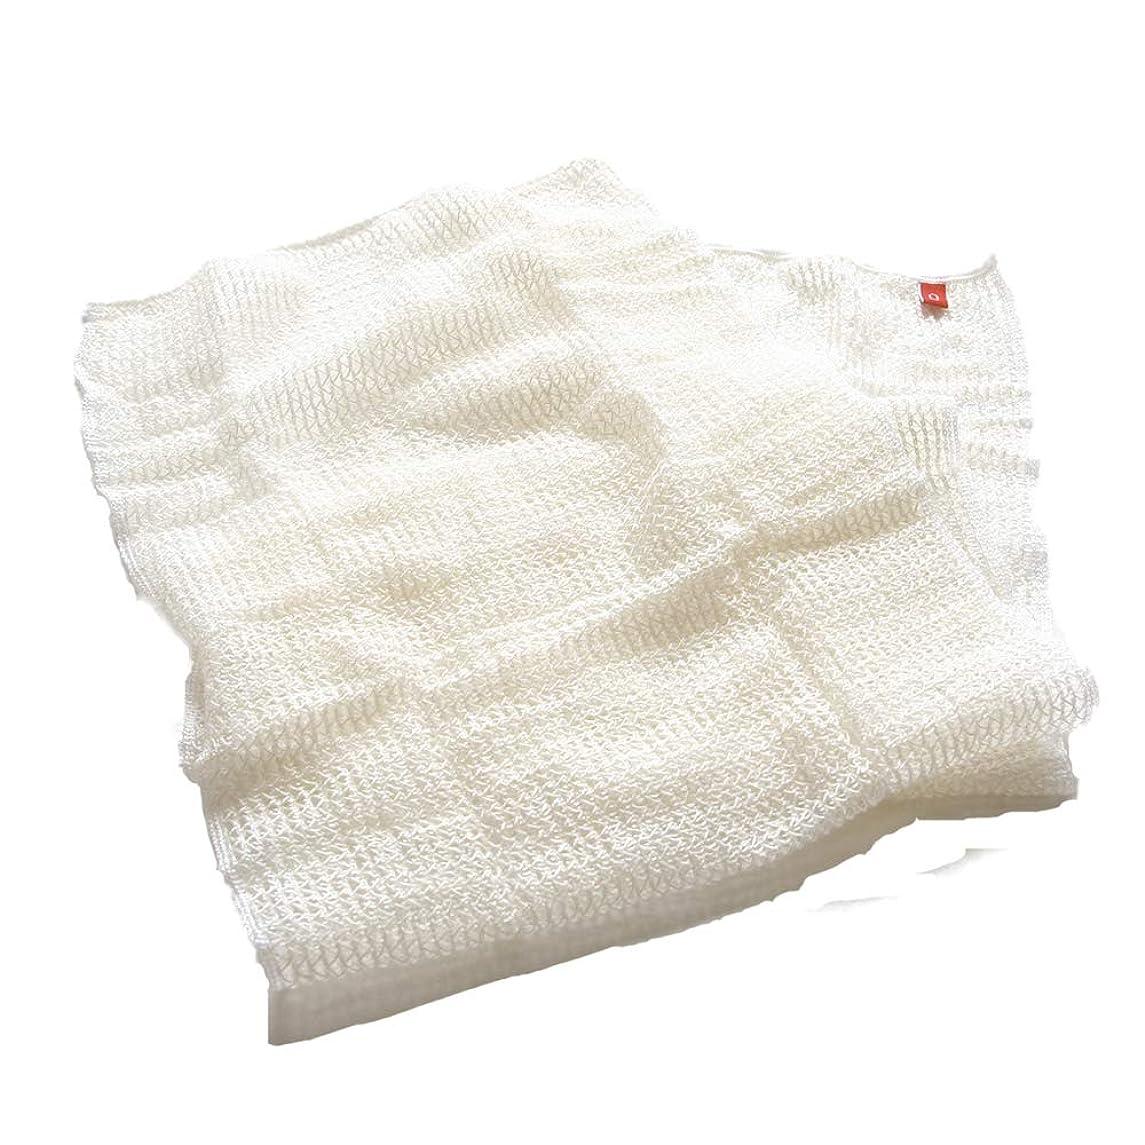 壊れた罰王位【絹屋】シルクととうもろこし 潤美肌 ボディタオル(5439)